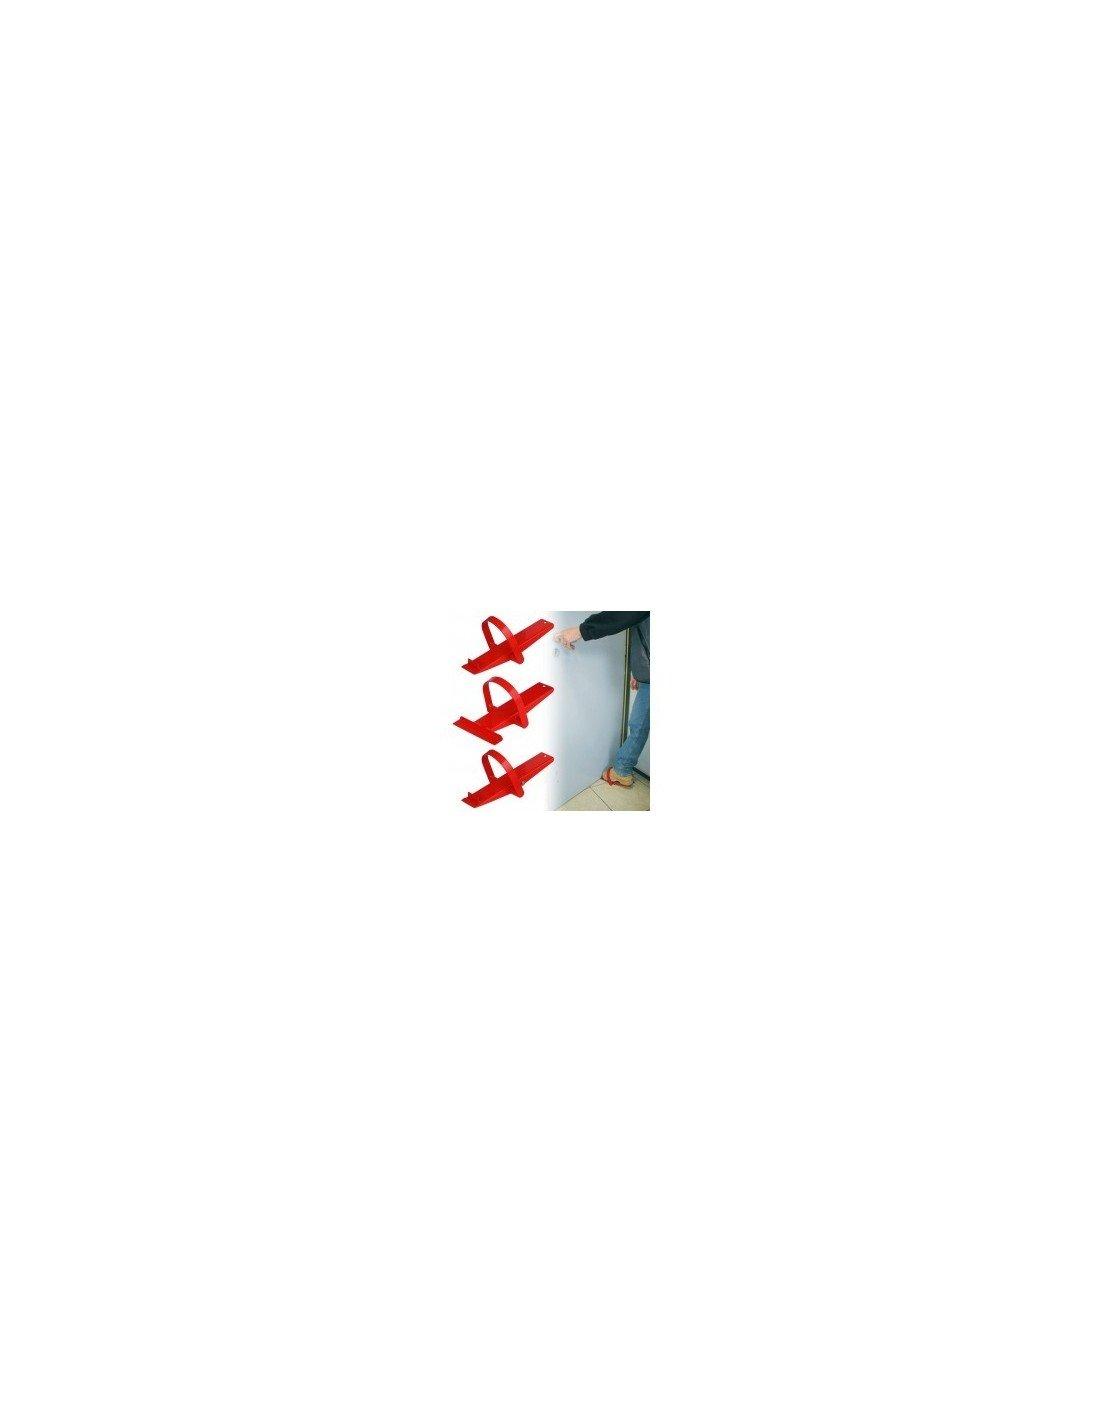 Outifrance 8839040 Lève-panneaux à pieds avec roulettes 60 mm